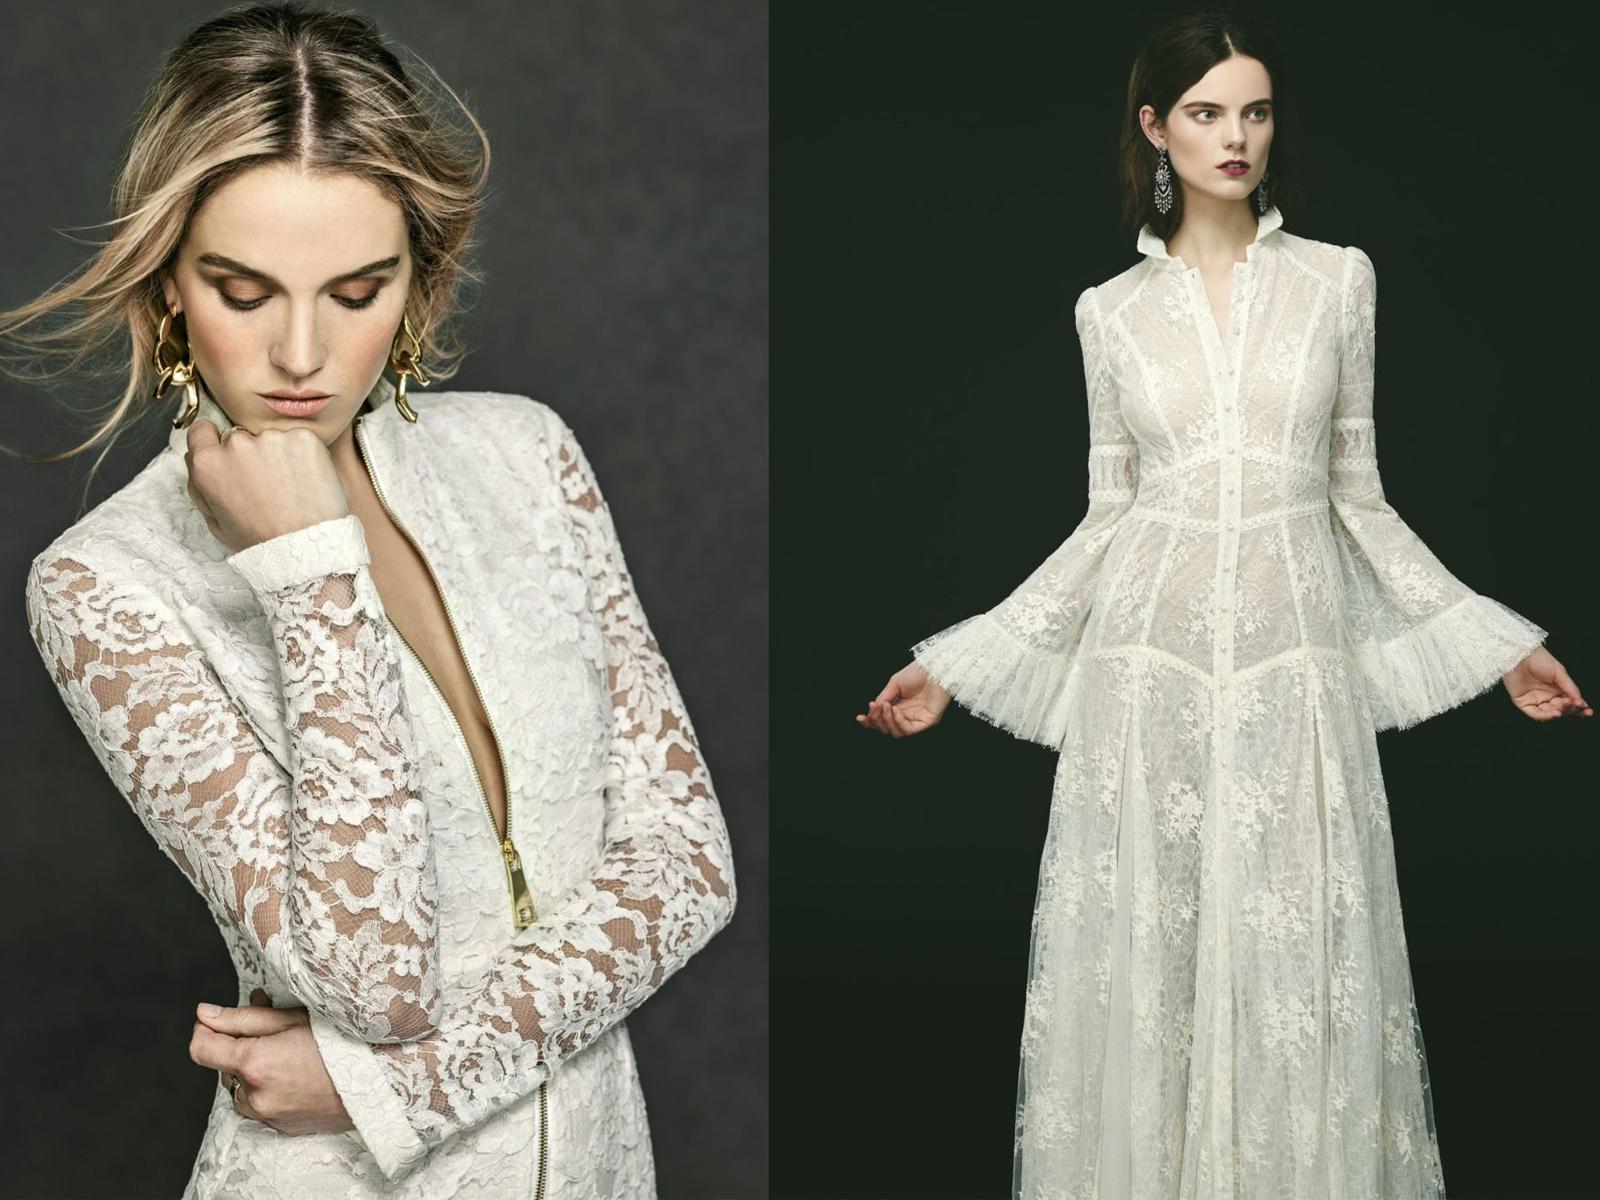 phong cách gothic cô dâu hiện đại